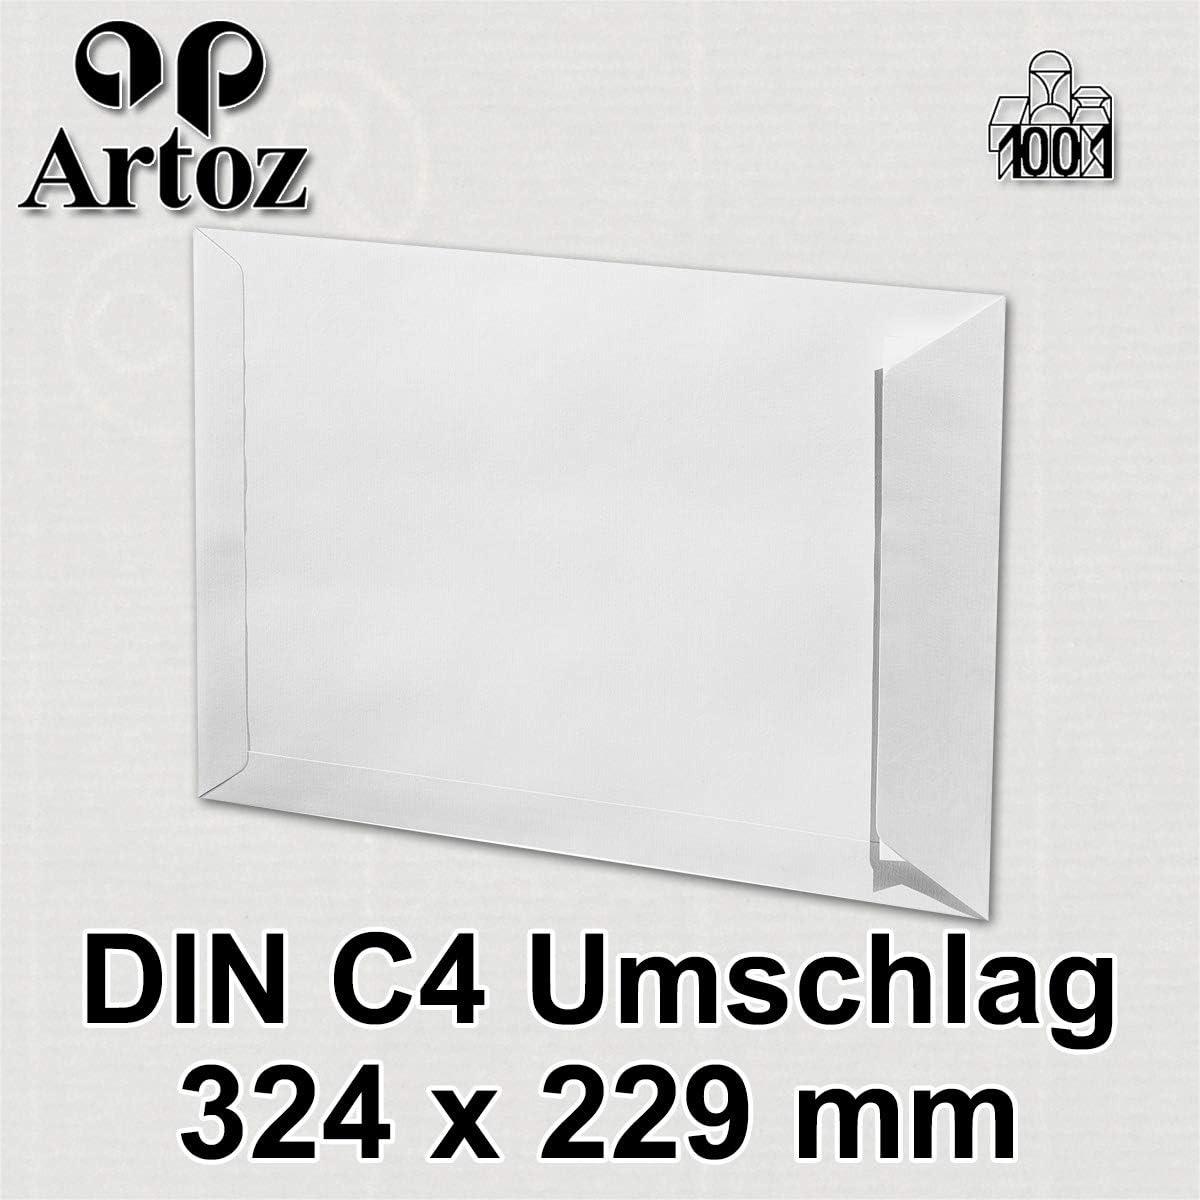 Artoz 1001/DIN C4/Buste/ /100/G//M/²////Azione 2017//Parent C4 Classico blu